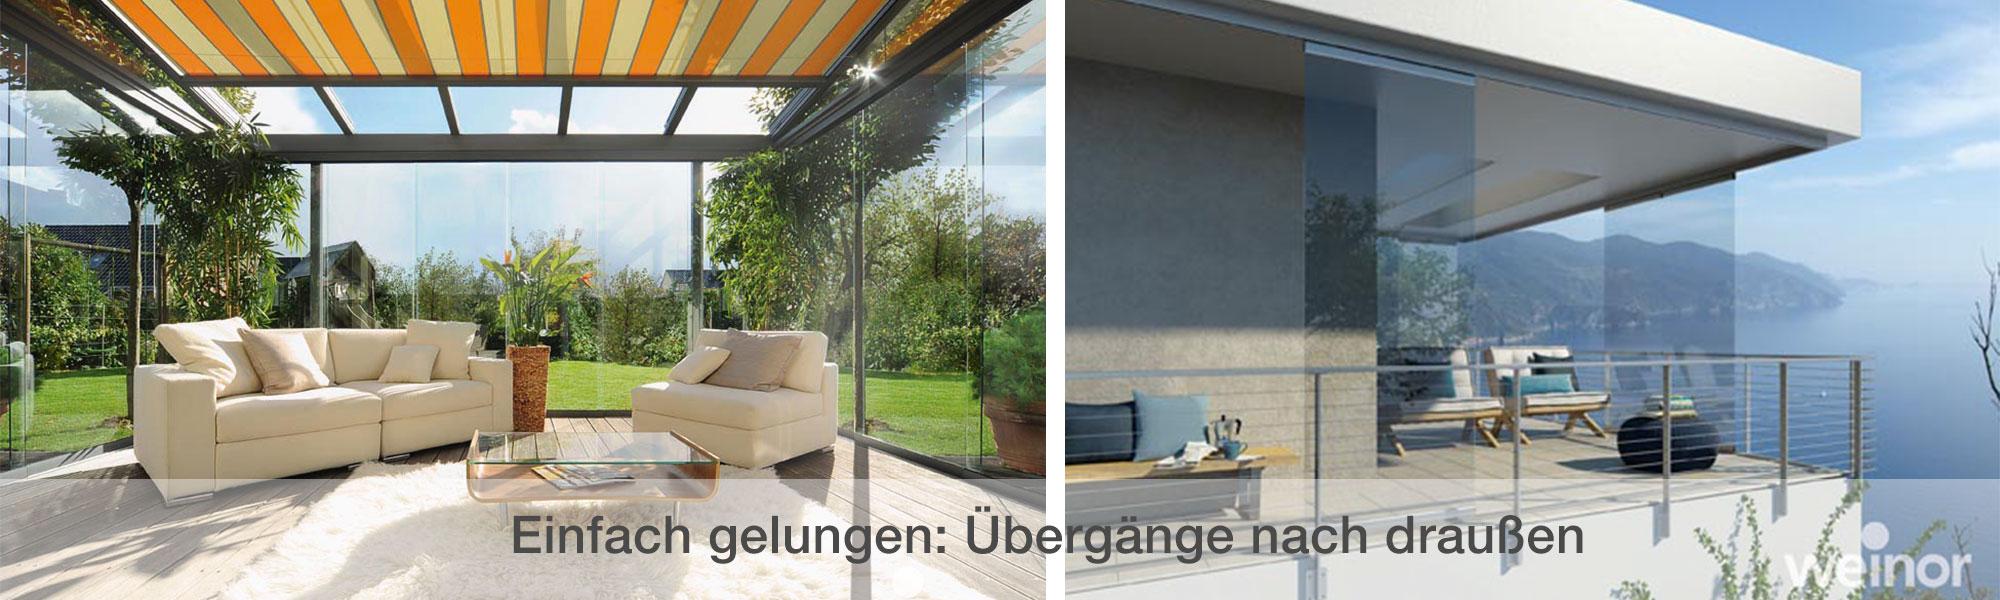 Weinor Markisen in vielen Farben und Ausführungen bei Wulf & Berger